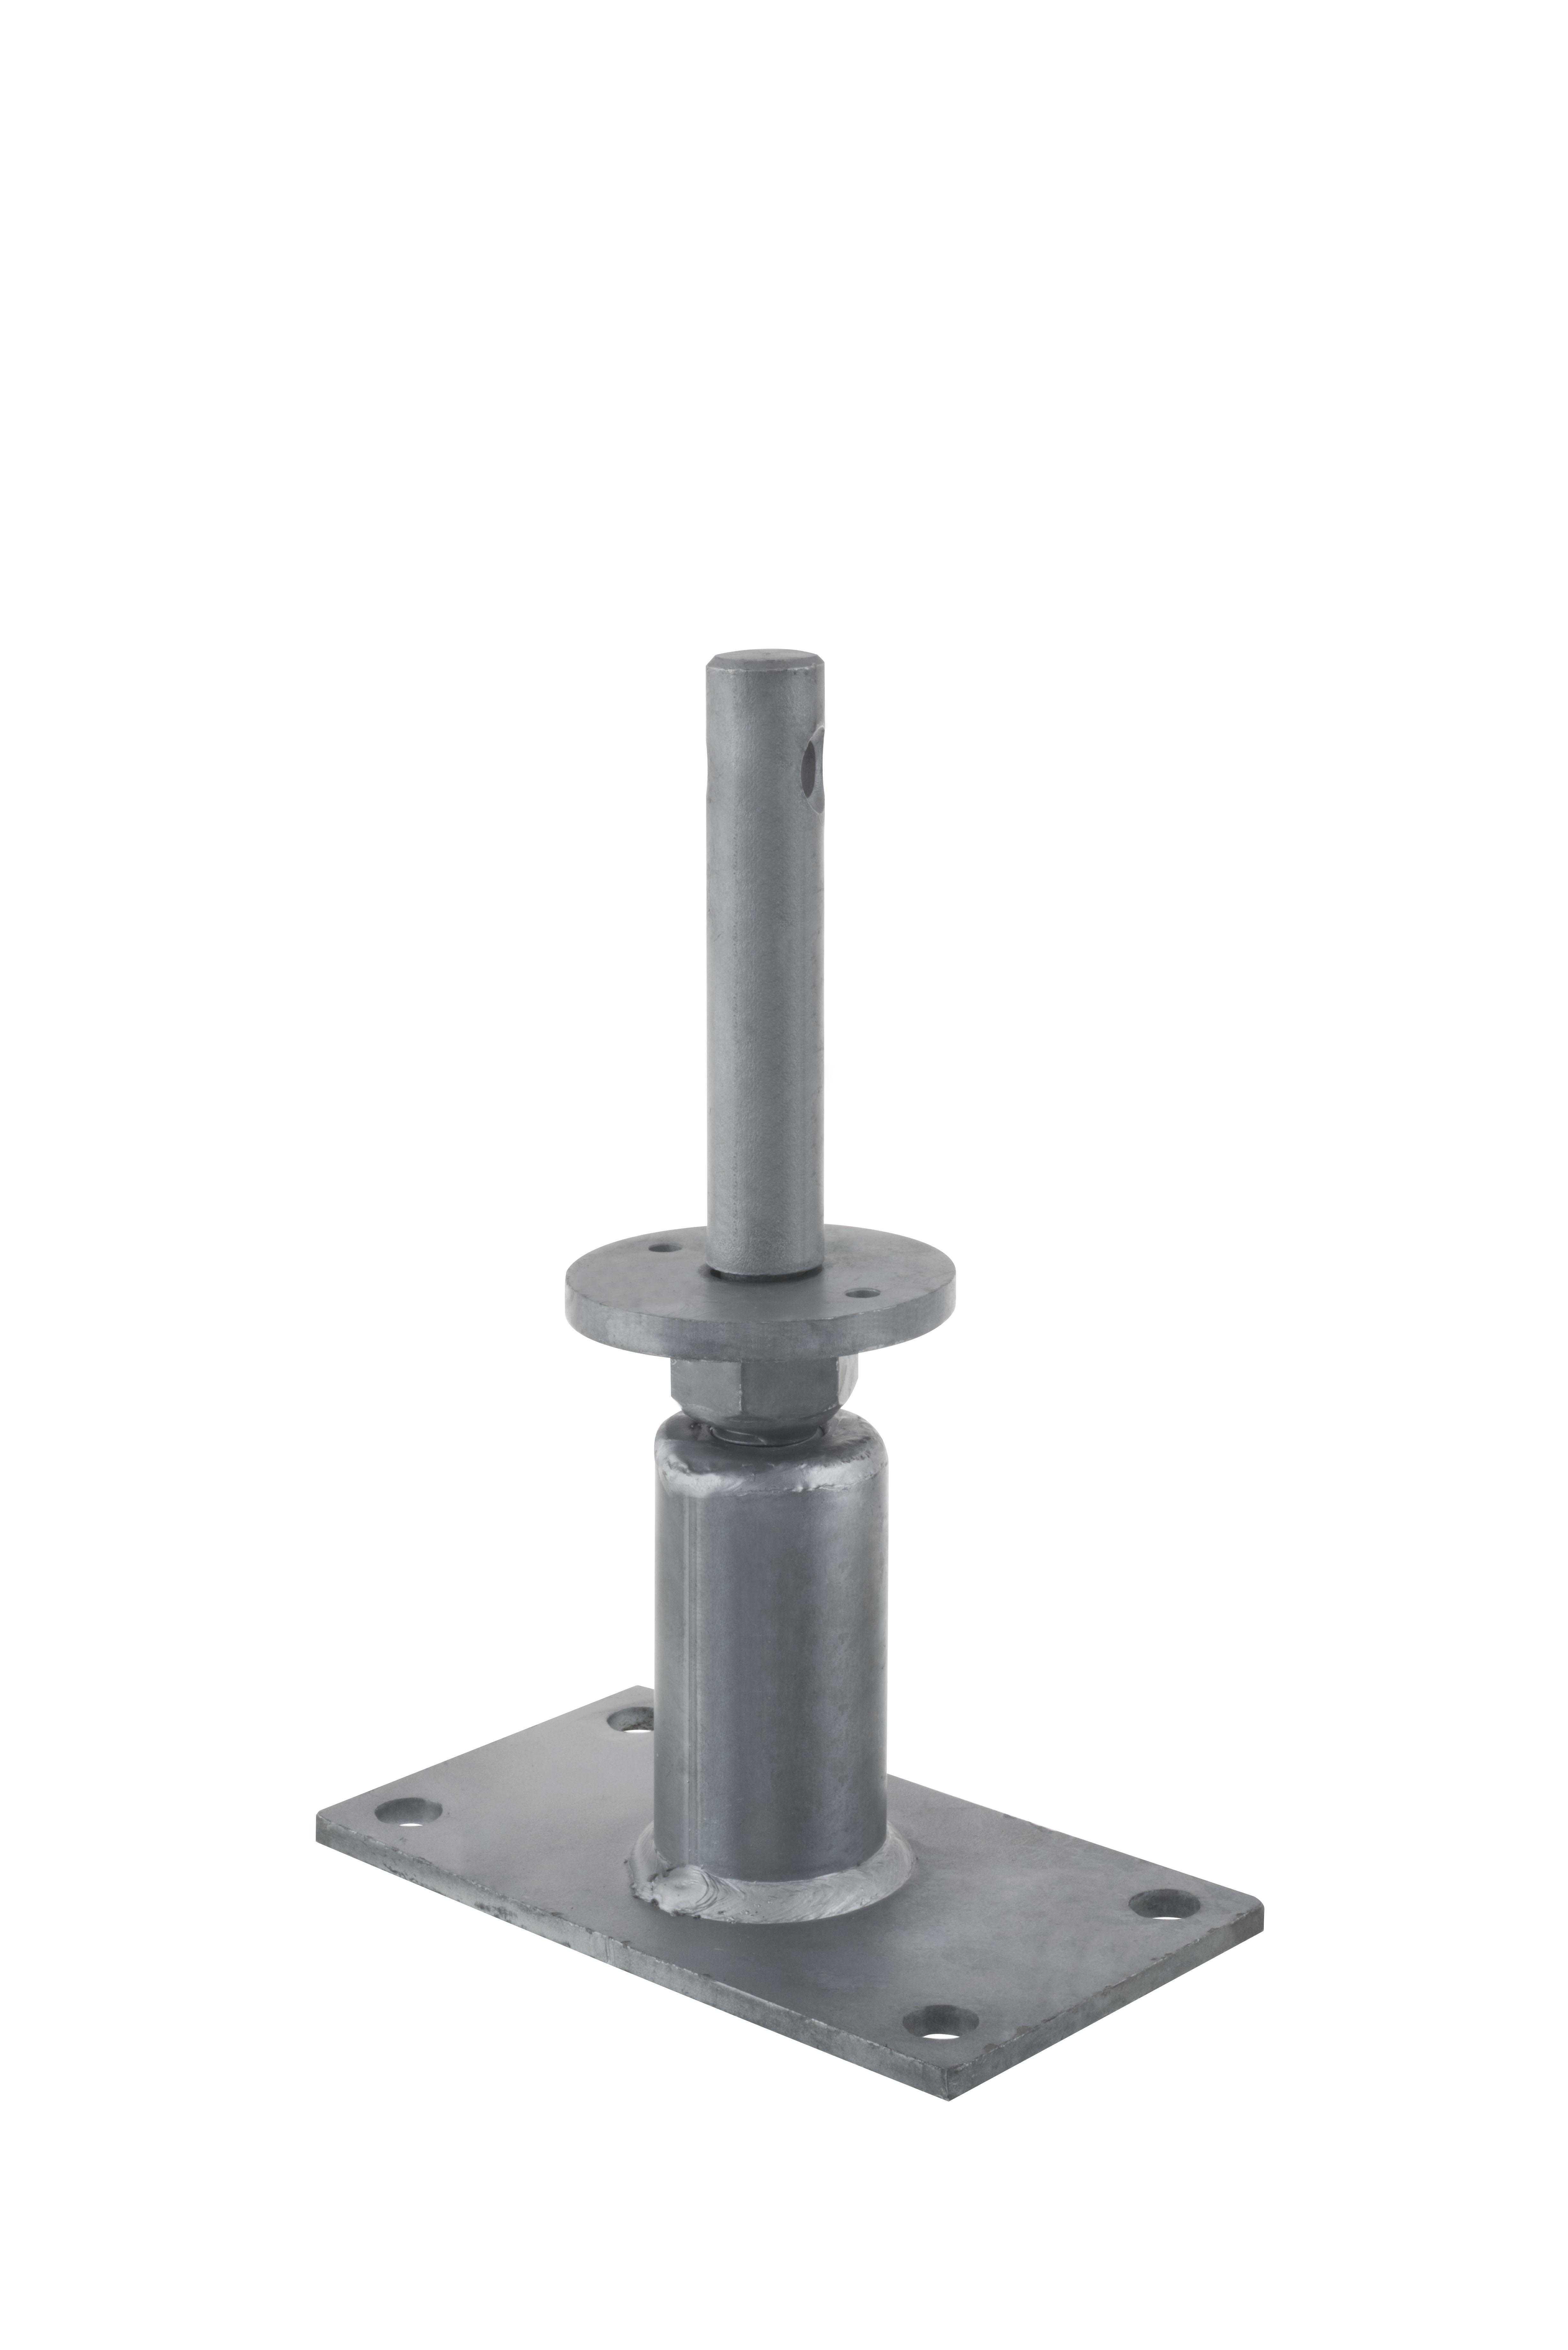 Simpson Pied De Poteau Tubulaire Réglable Forte Charge à Lunité - Portant vetement professionnel charge lourde